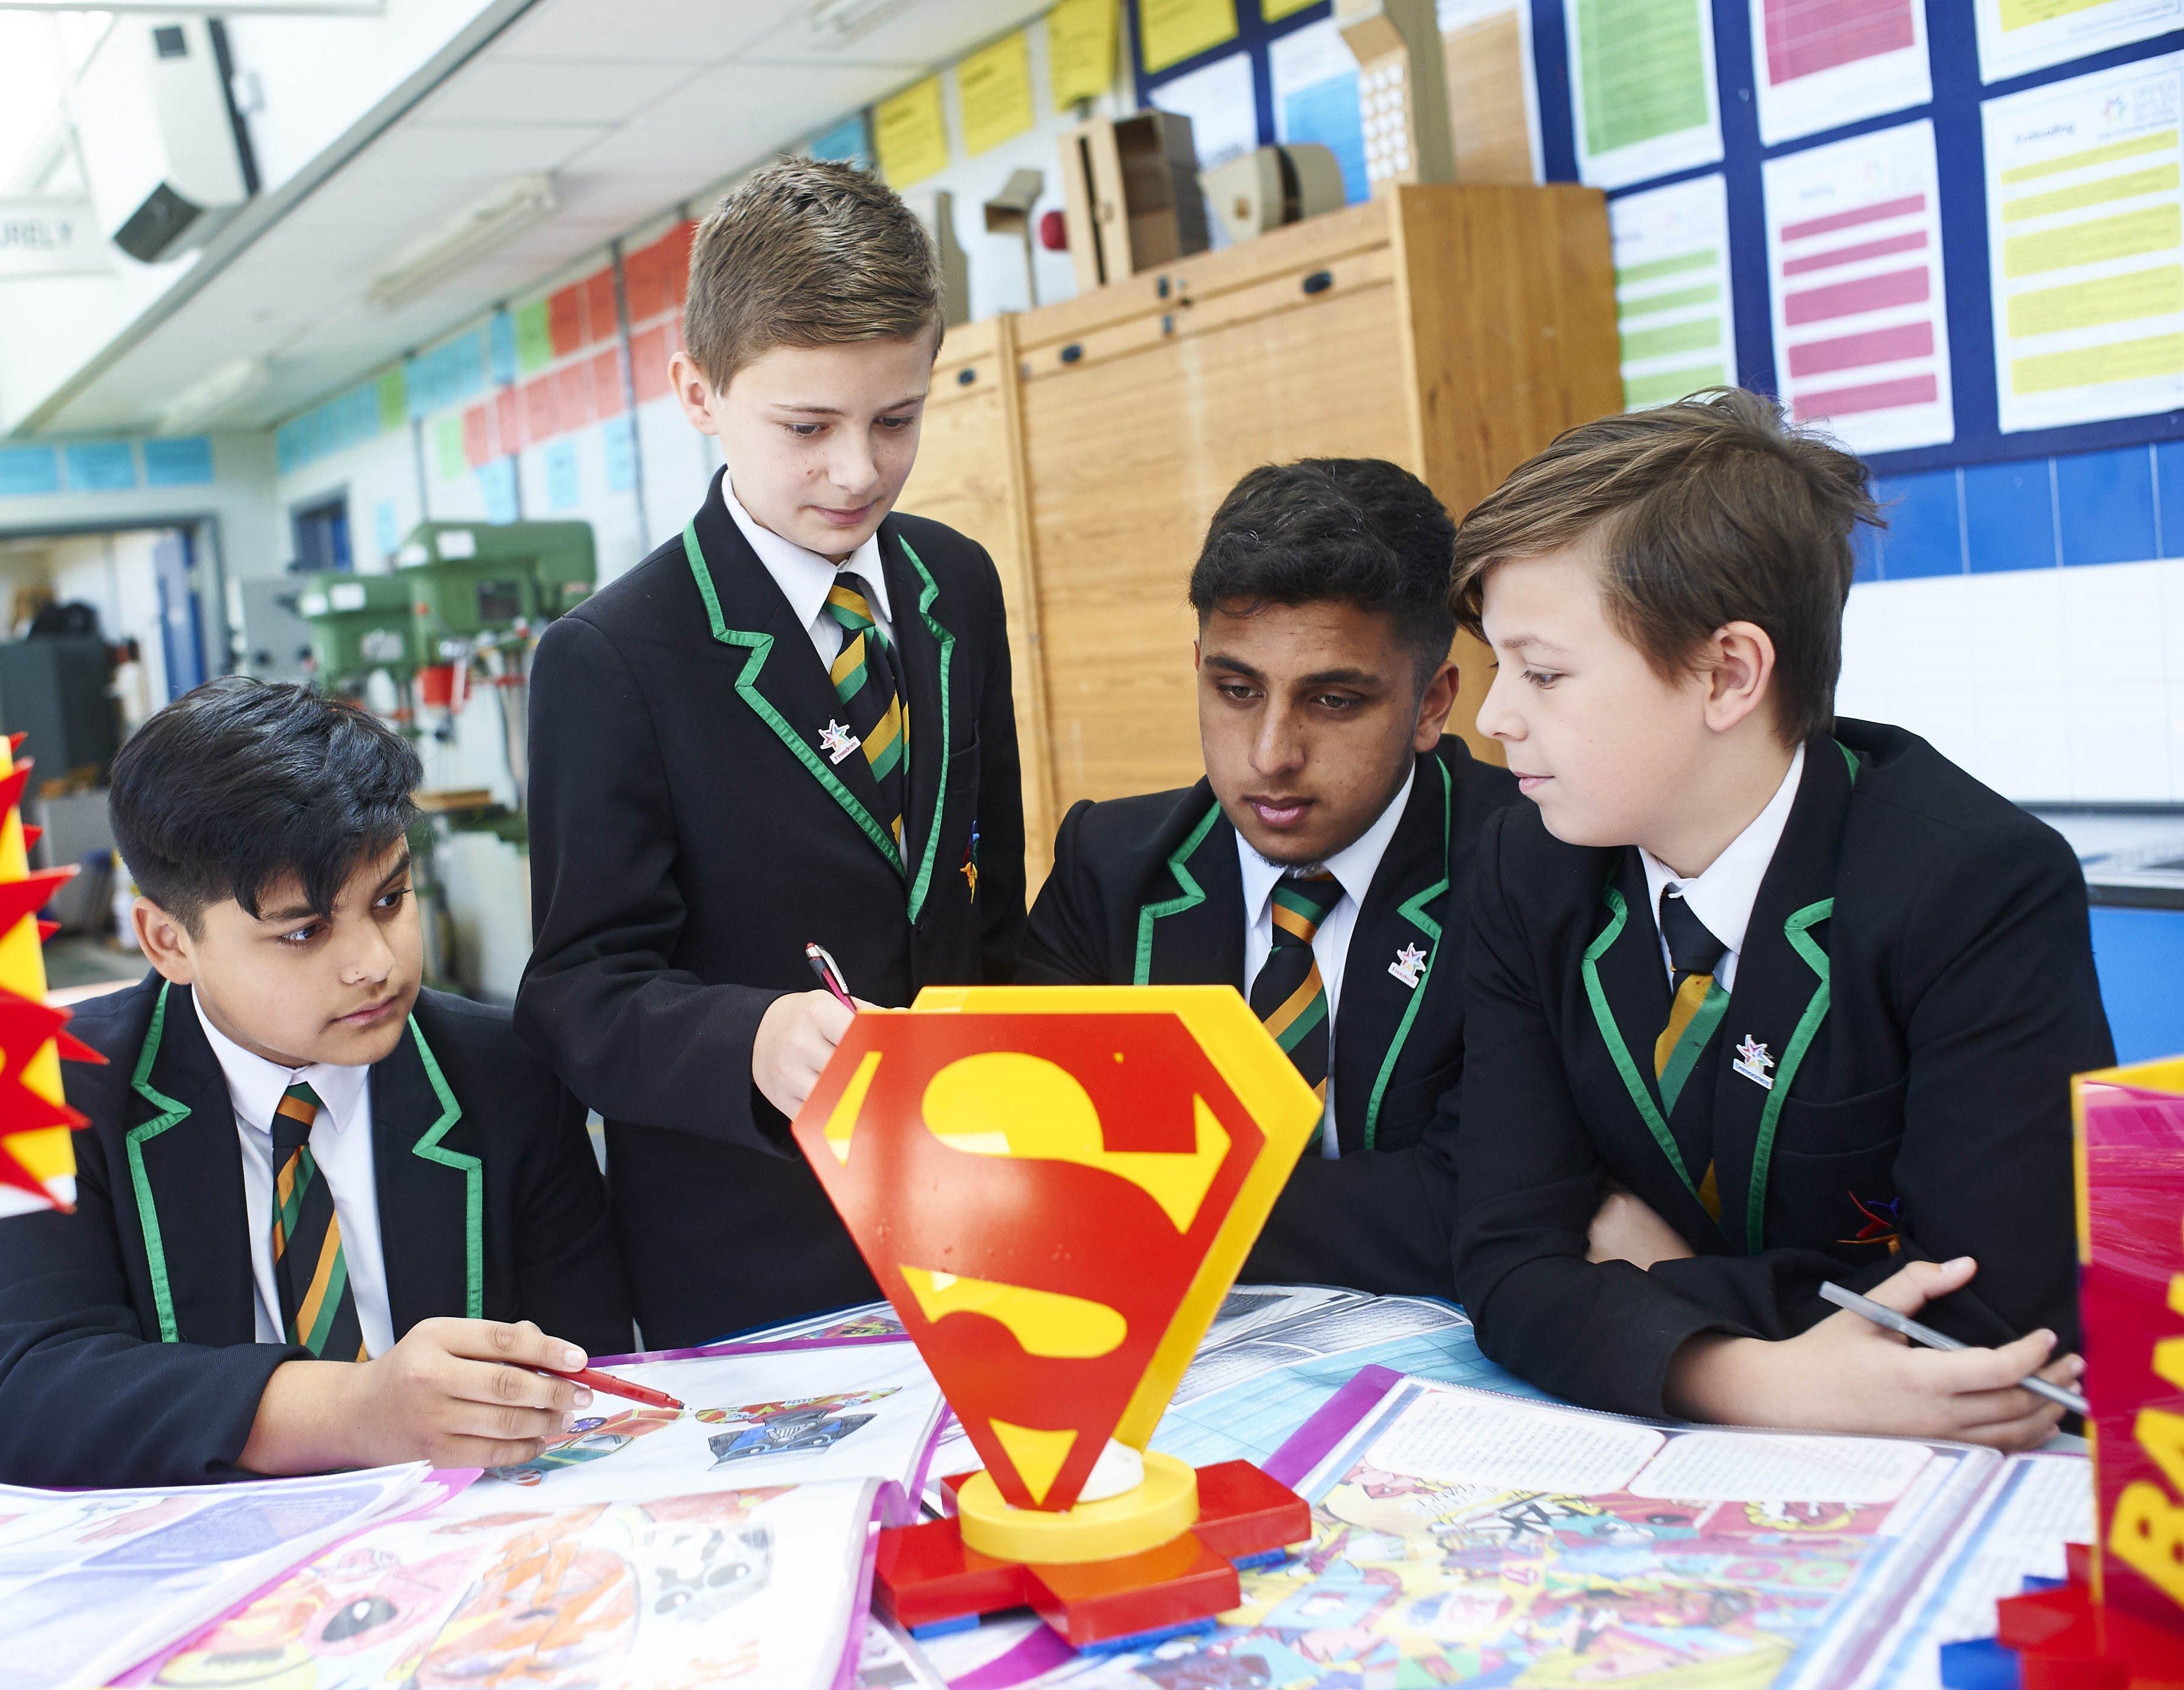 Upper Bateley School